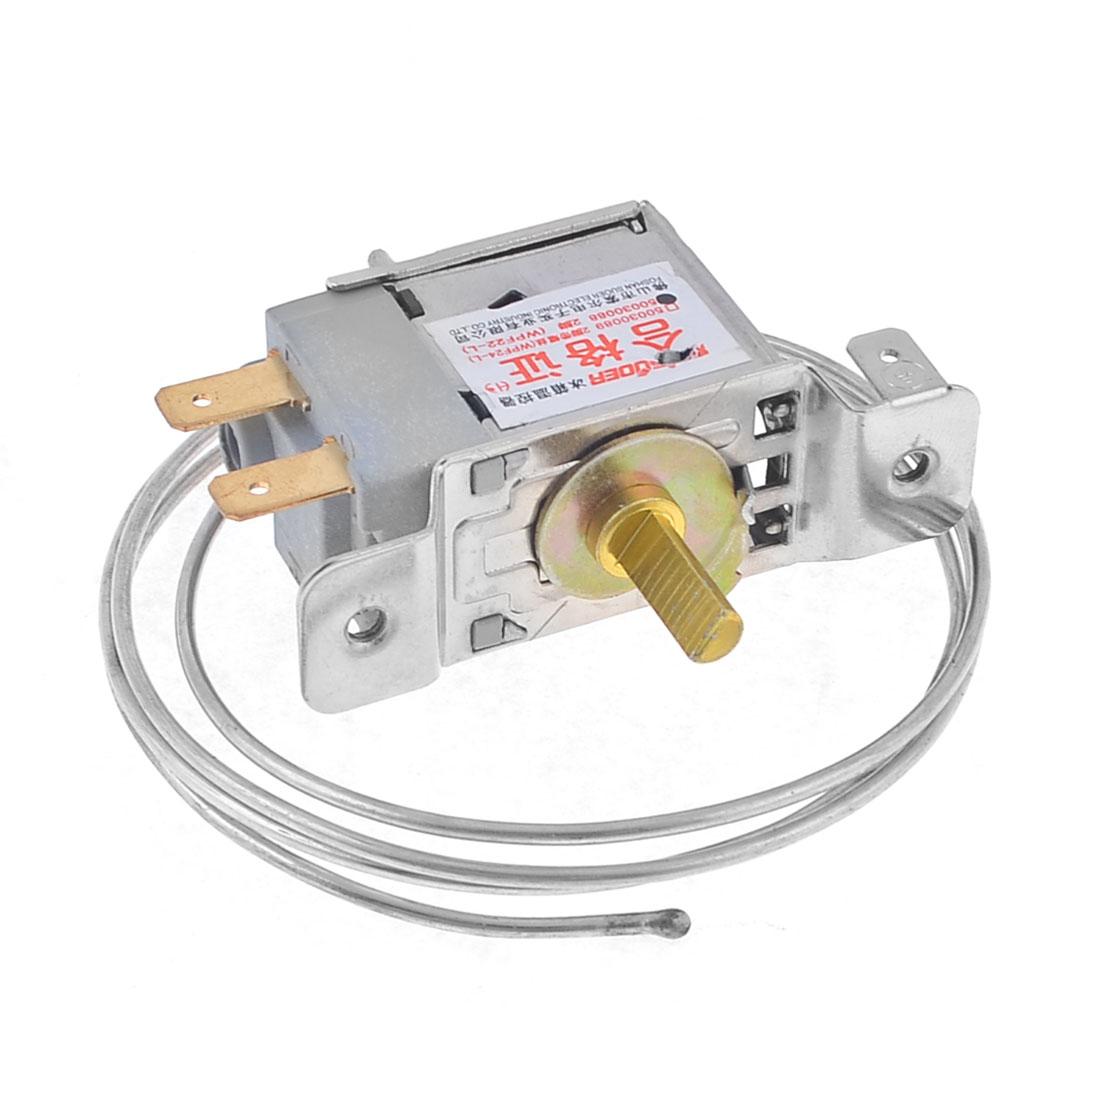 -16 to 22 Celsius Degree Freezer Refrigerator Heat Retaining Device AC 250V 5A